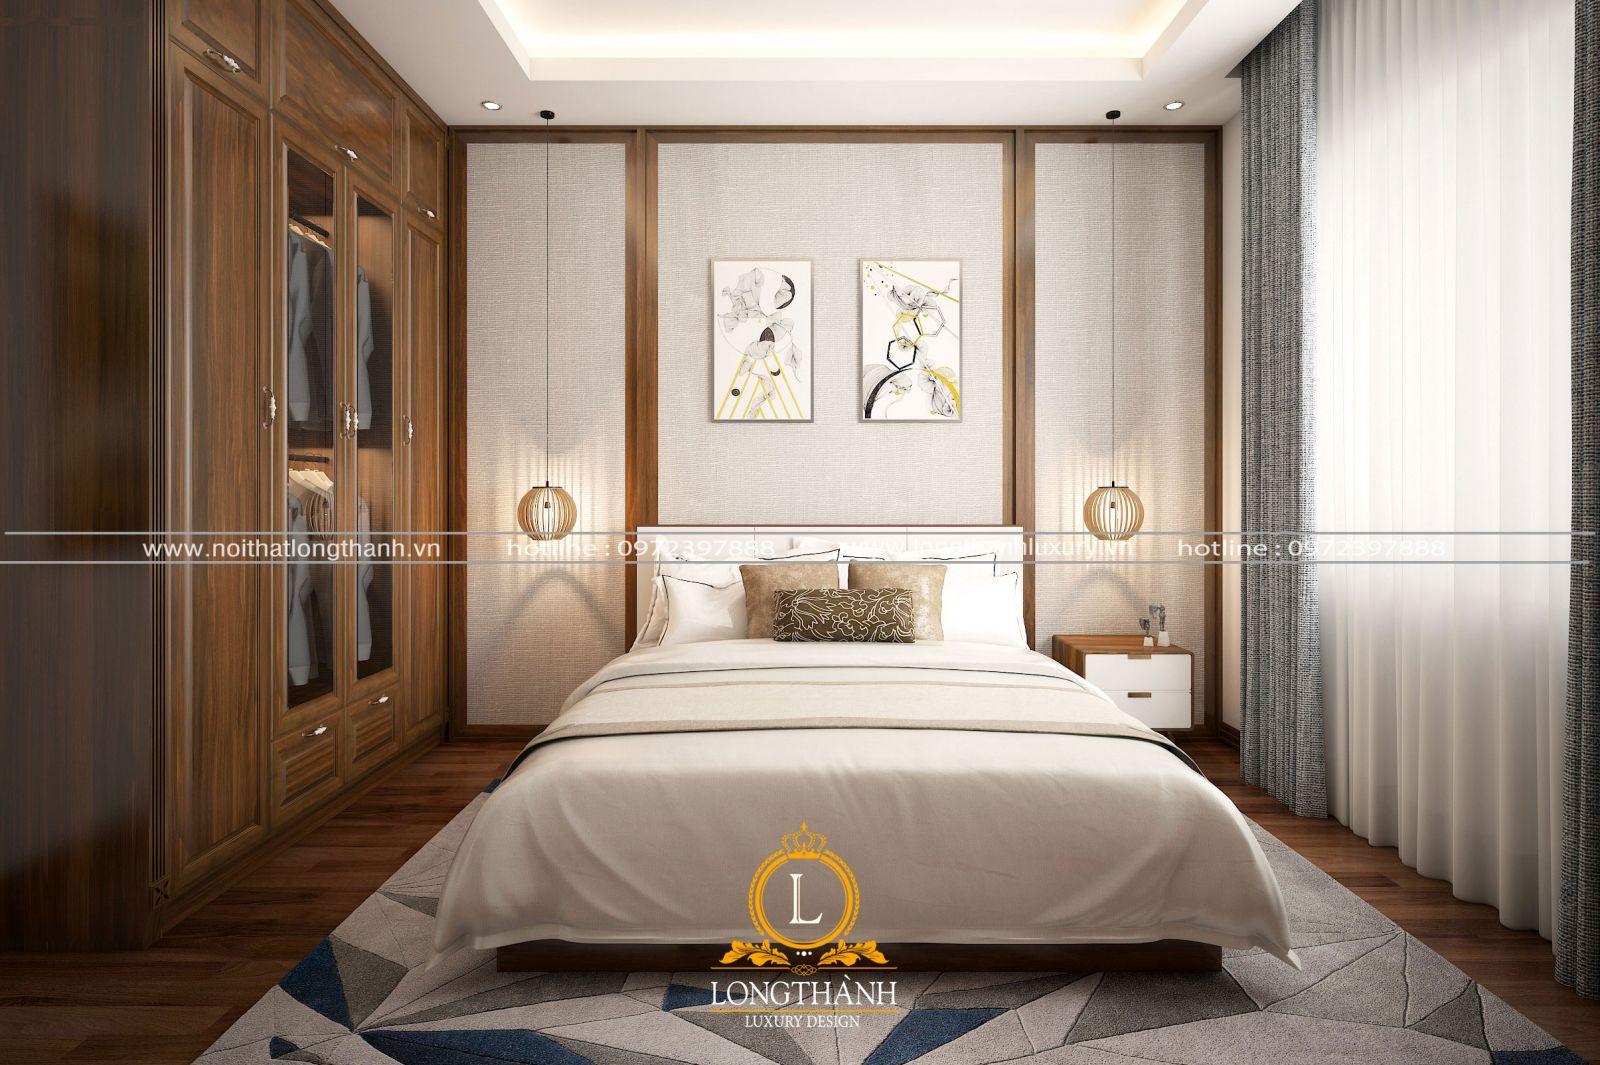 Nội thất phòng ngủ nhẹ nhàng từ gỗ tự nhiên